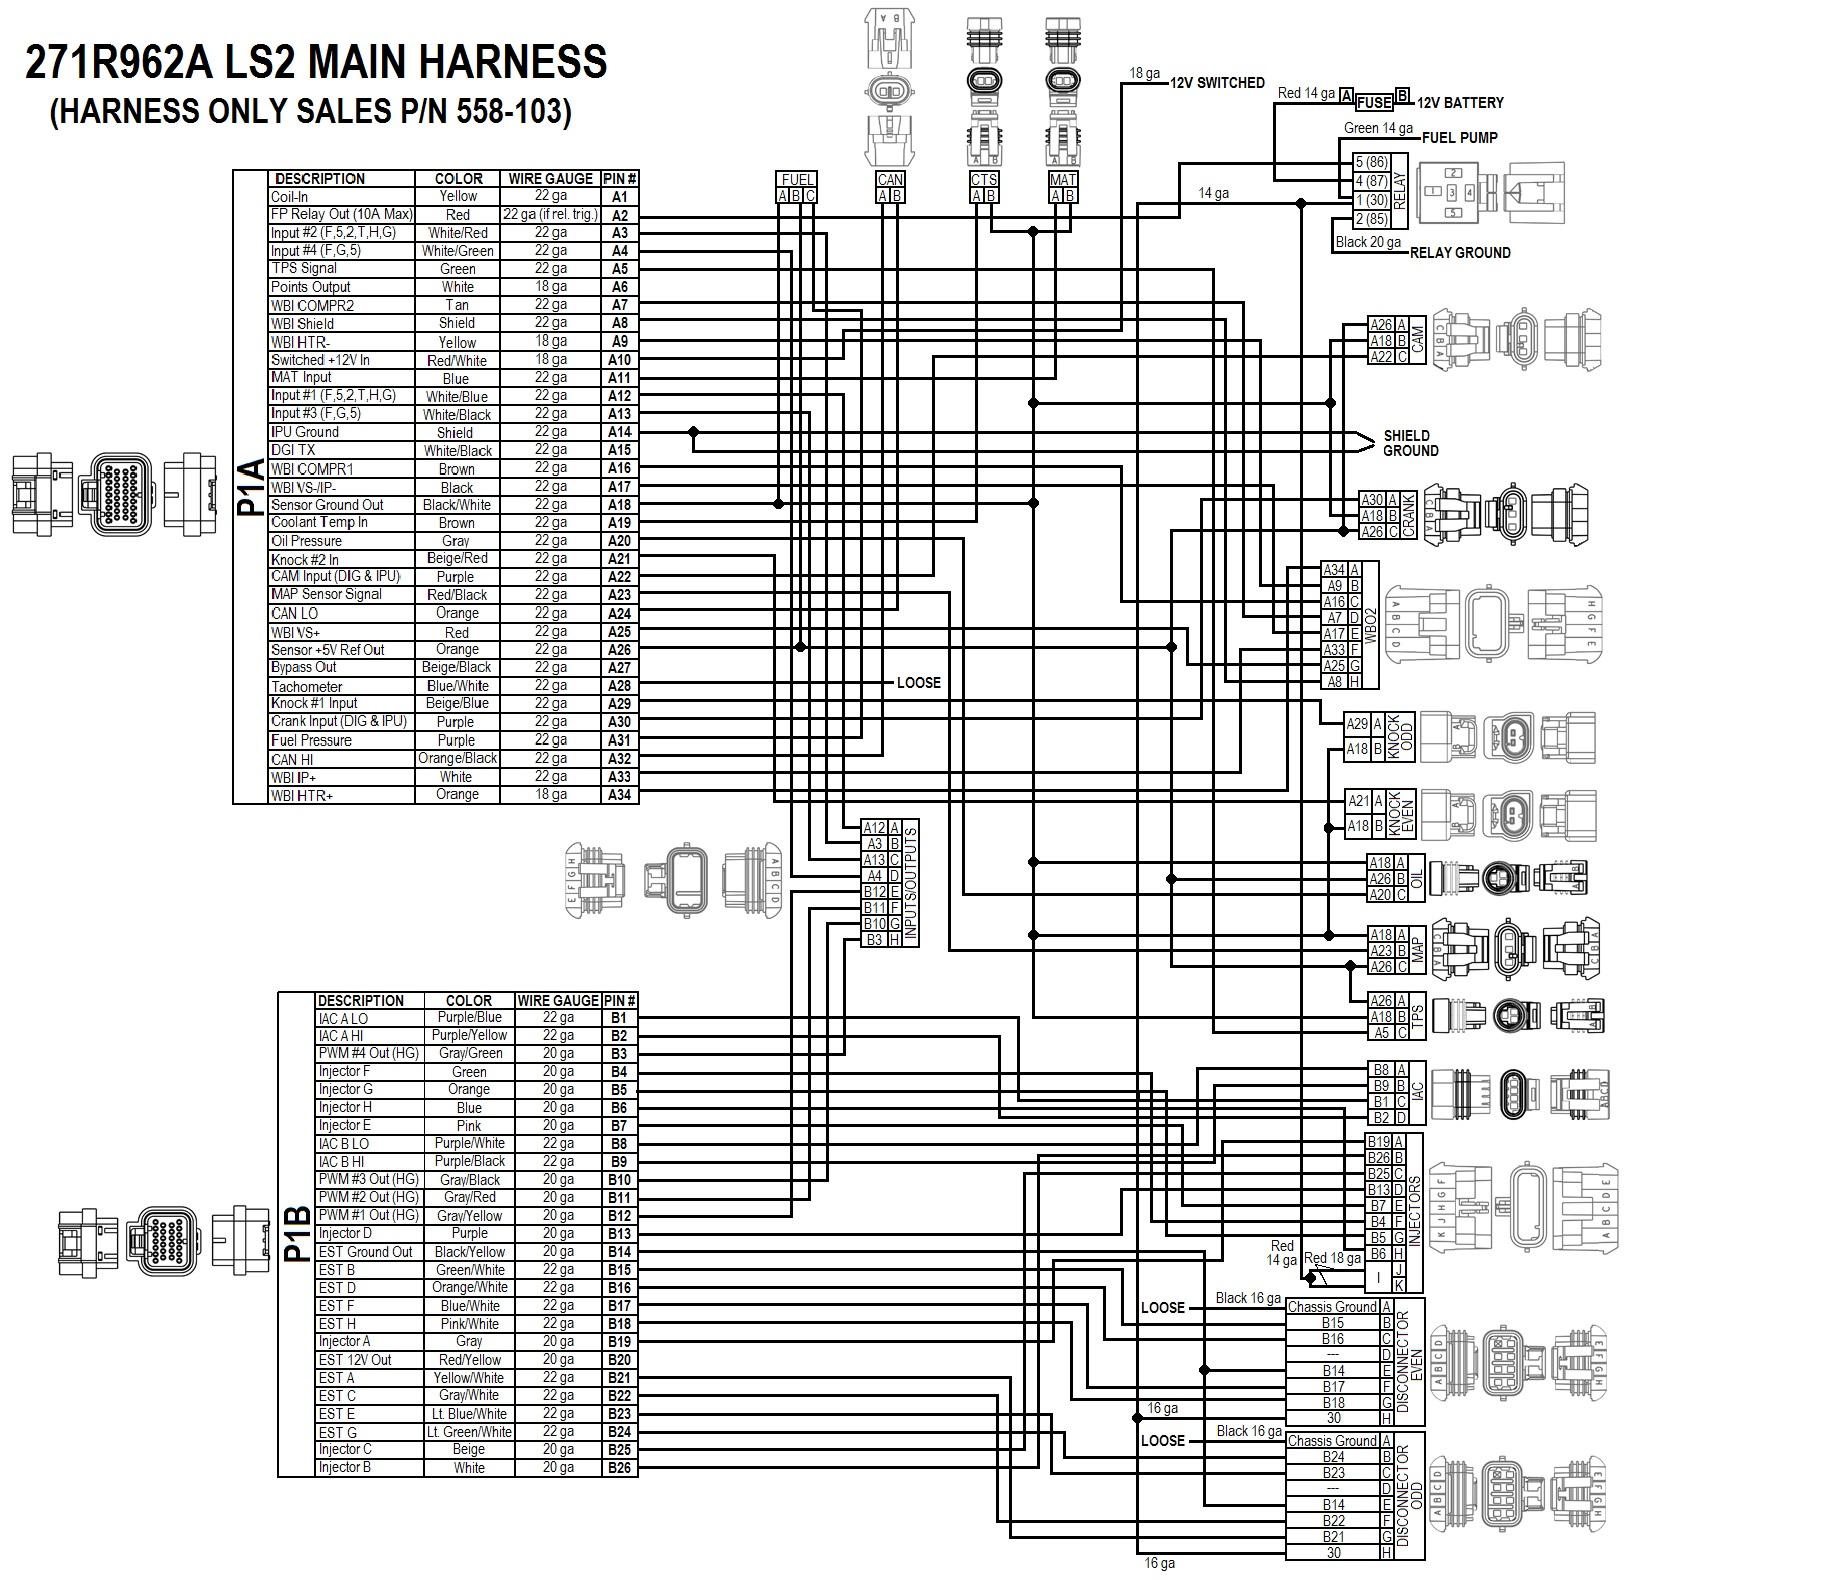 Gm 3 4 Efi Wire Harness Diagram Wiring Services Gmc 3l Ls2 7 58x Crank Sensor Hp Ecu Kits Rh Kcmaxxperformance Com Radio Drawing